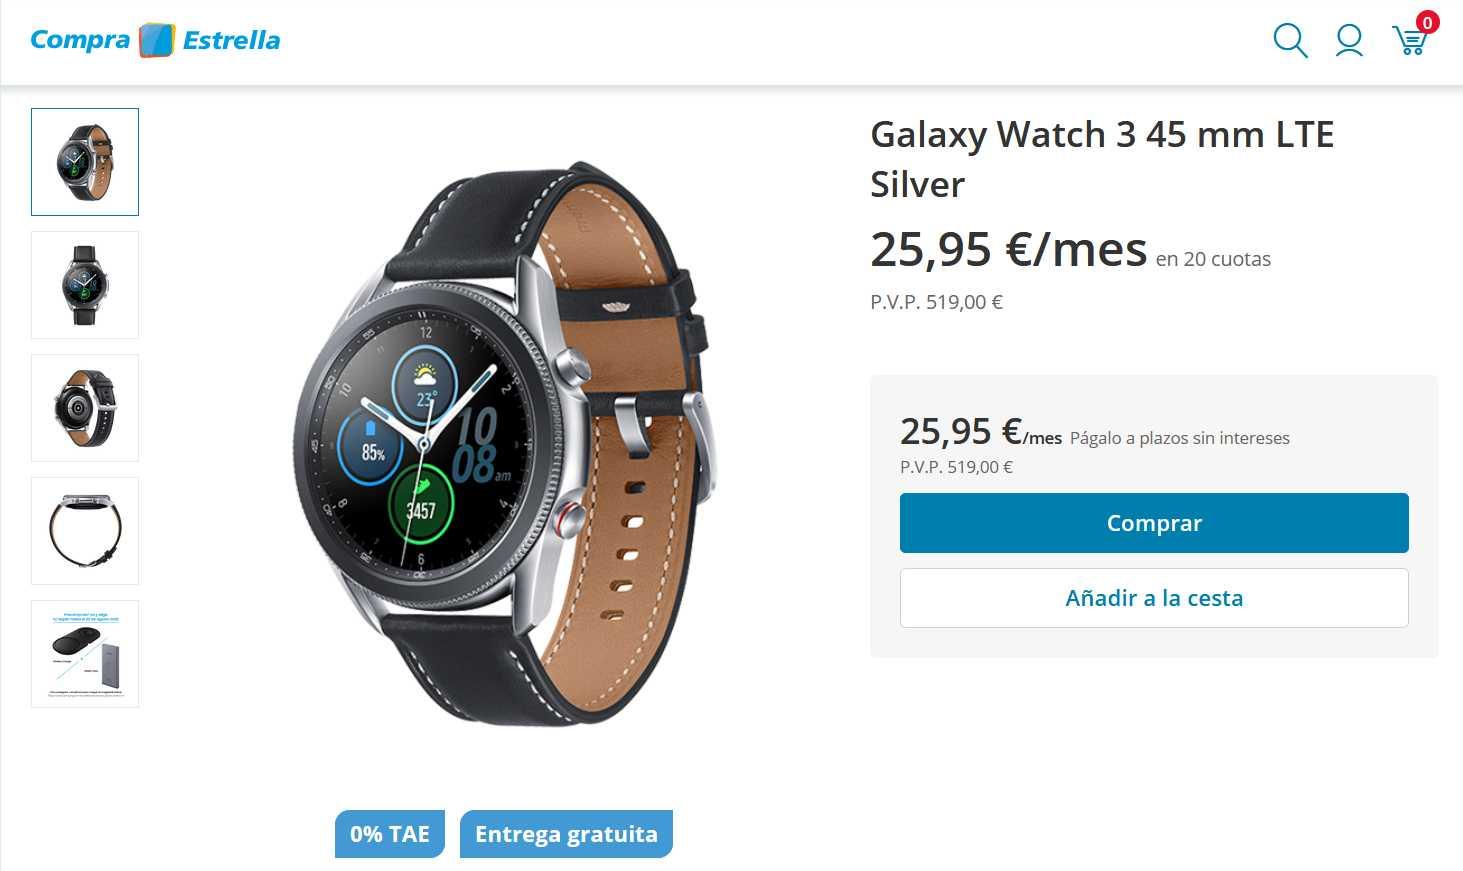 Посол компании Samsung и Tous – Паула Эчеваррией поделились с поклонниками умных часов Galaxy Watch новыми сведениями относительно обновленной линейки Оказывается